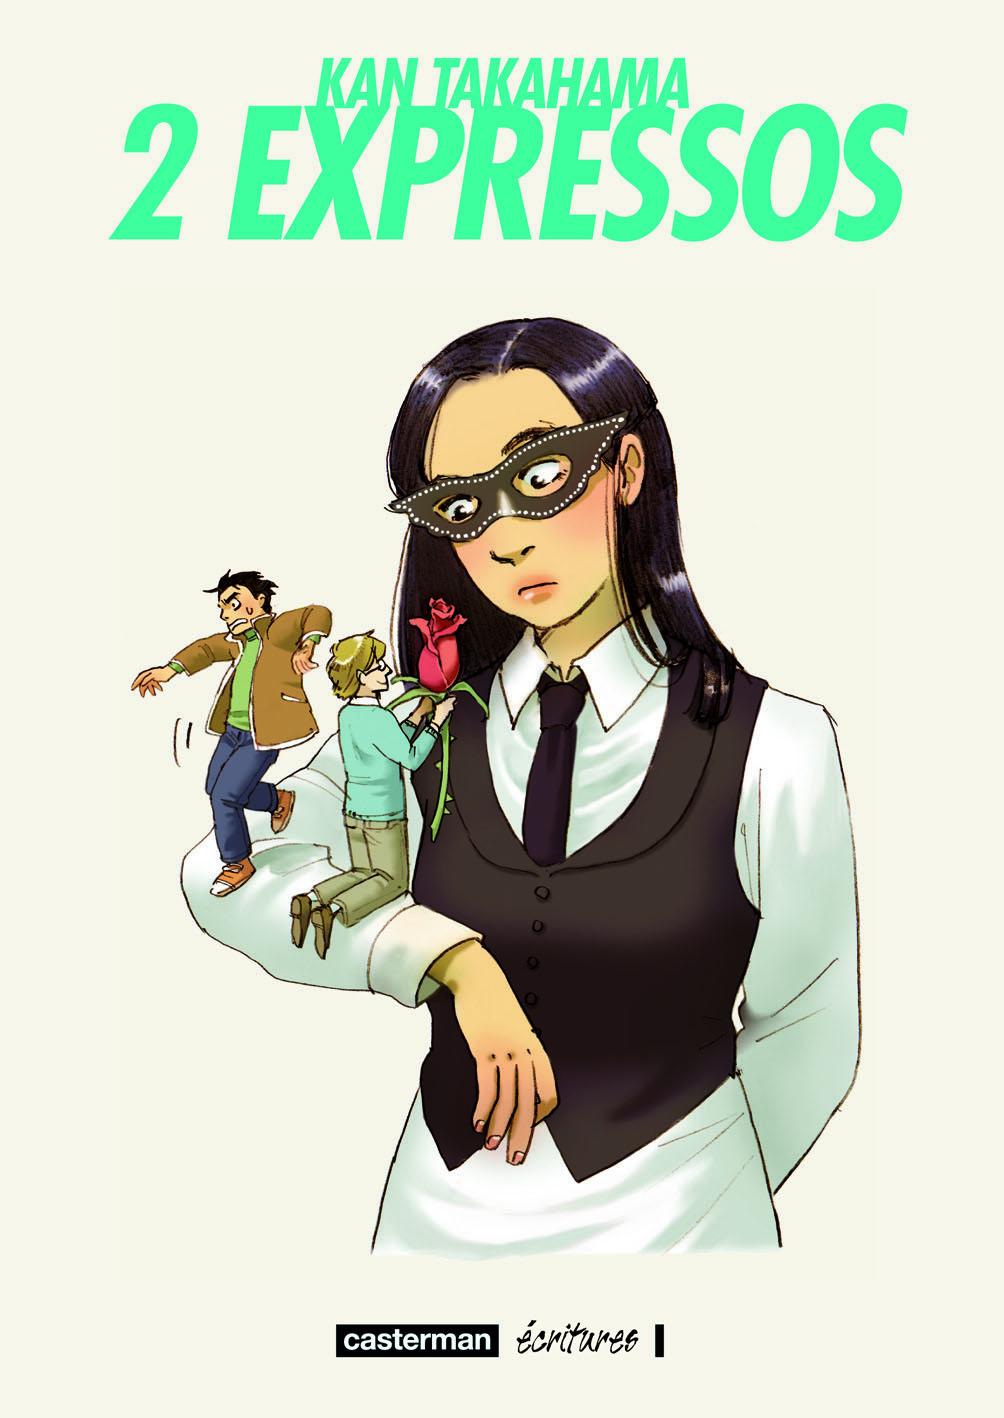 2 expressos Manga